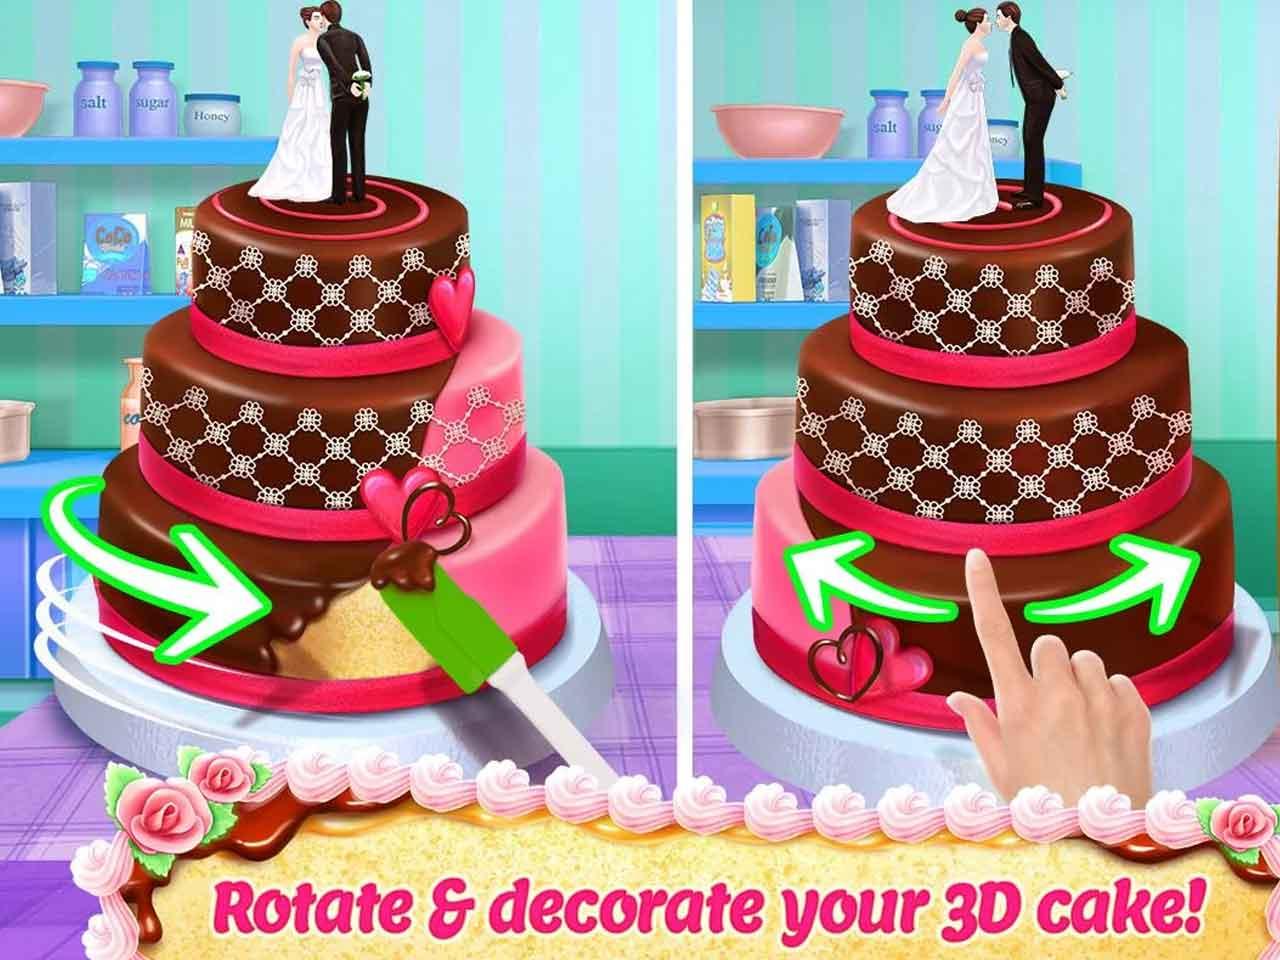 15 Game Memasak Kue Ulang Tahun Dan Pernikahan Terbaik Di Android